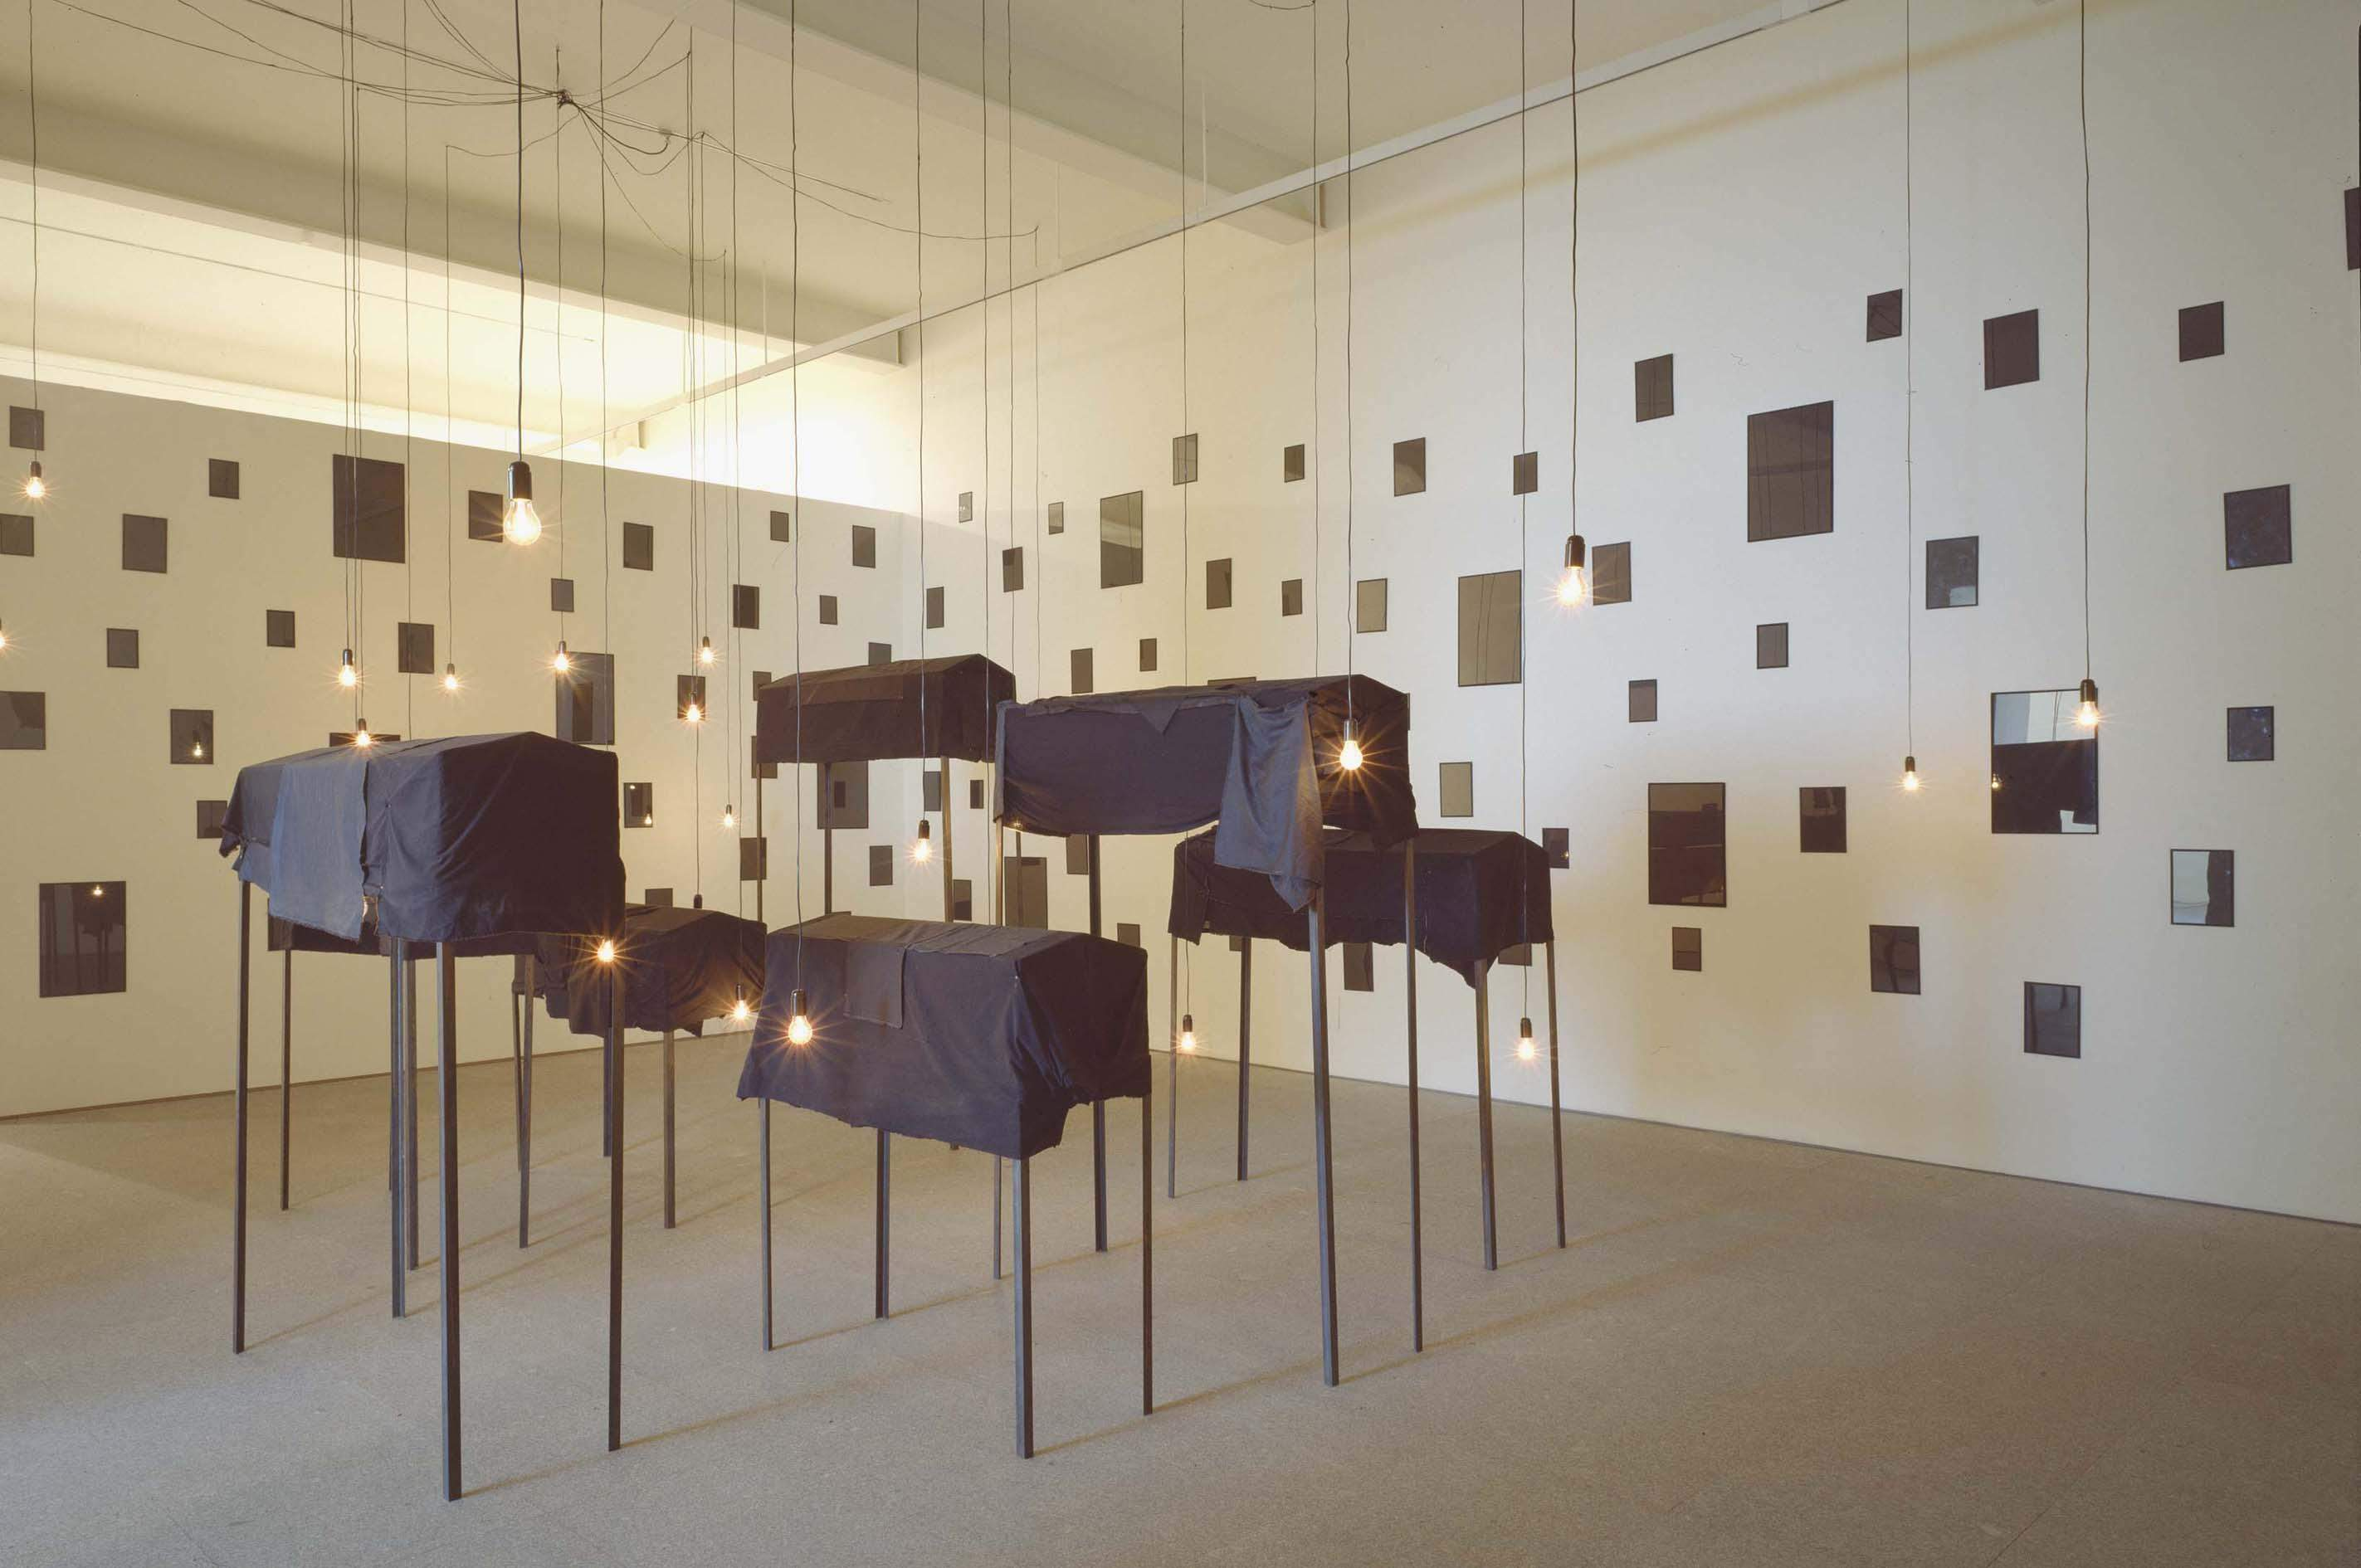 Les tombeaux, 1996. Christian Boltanski